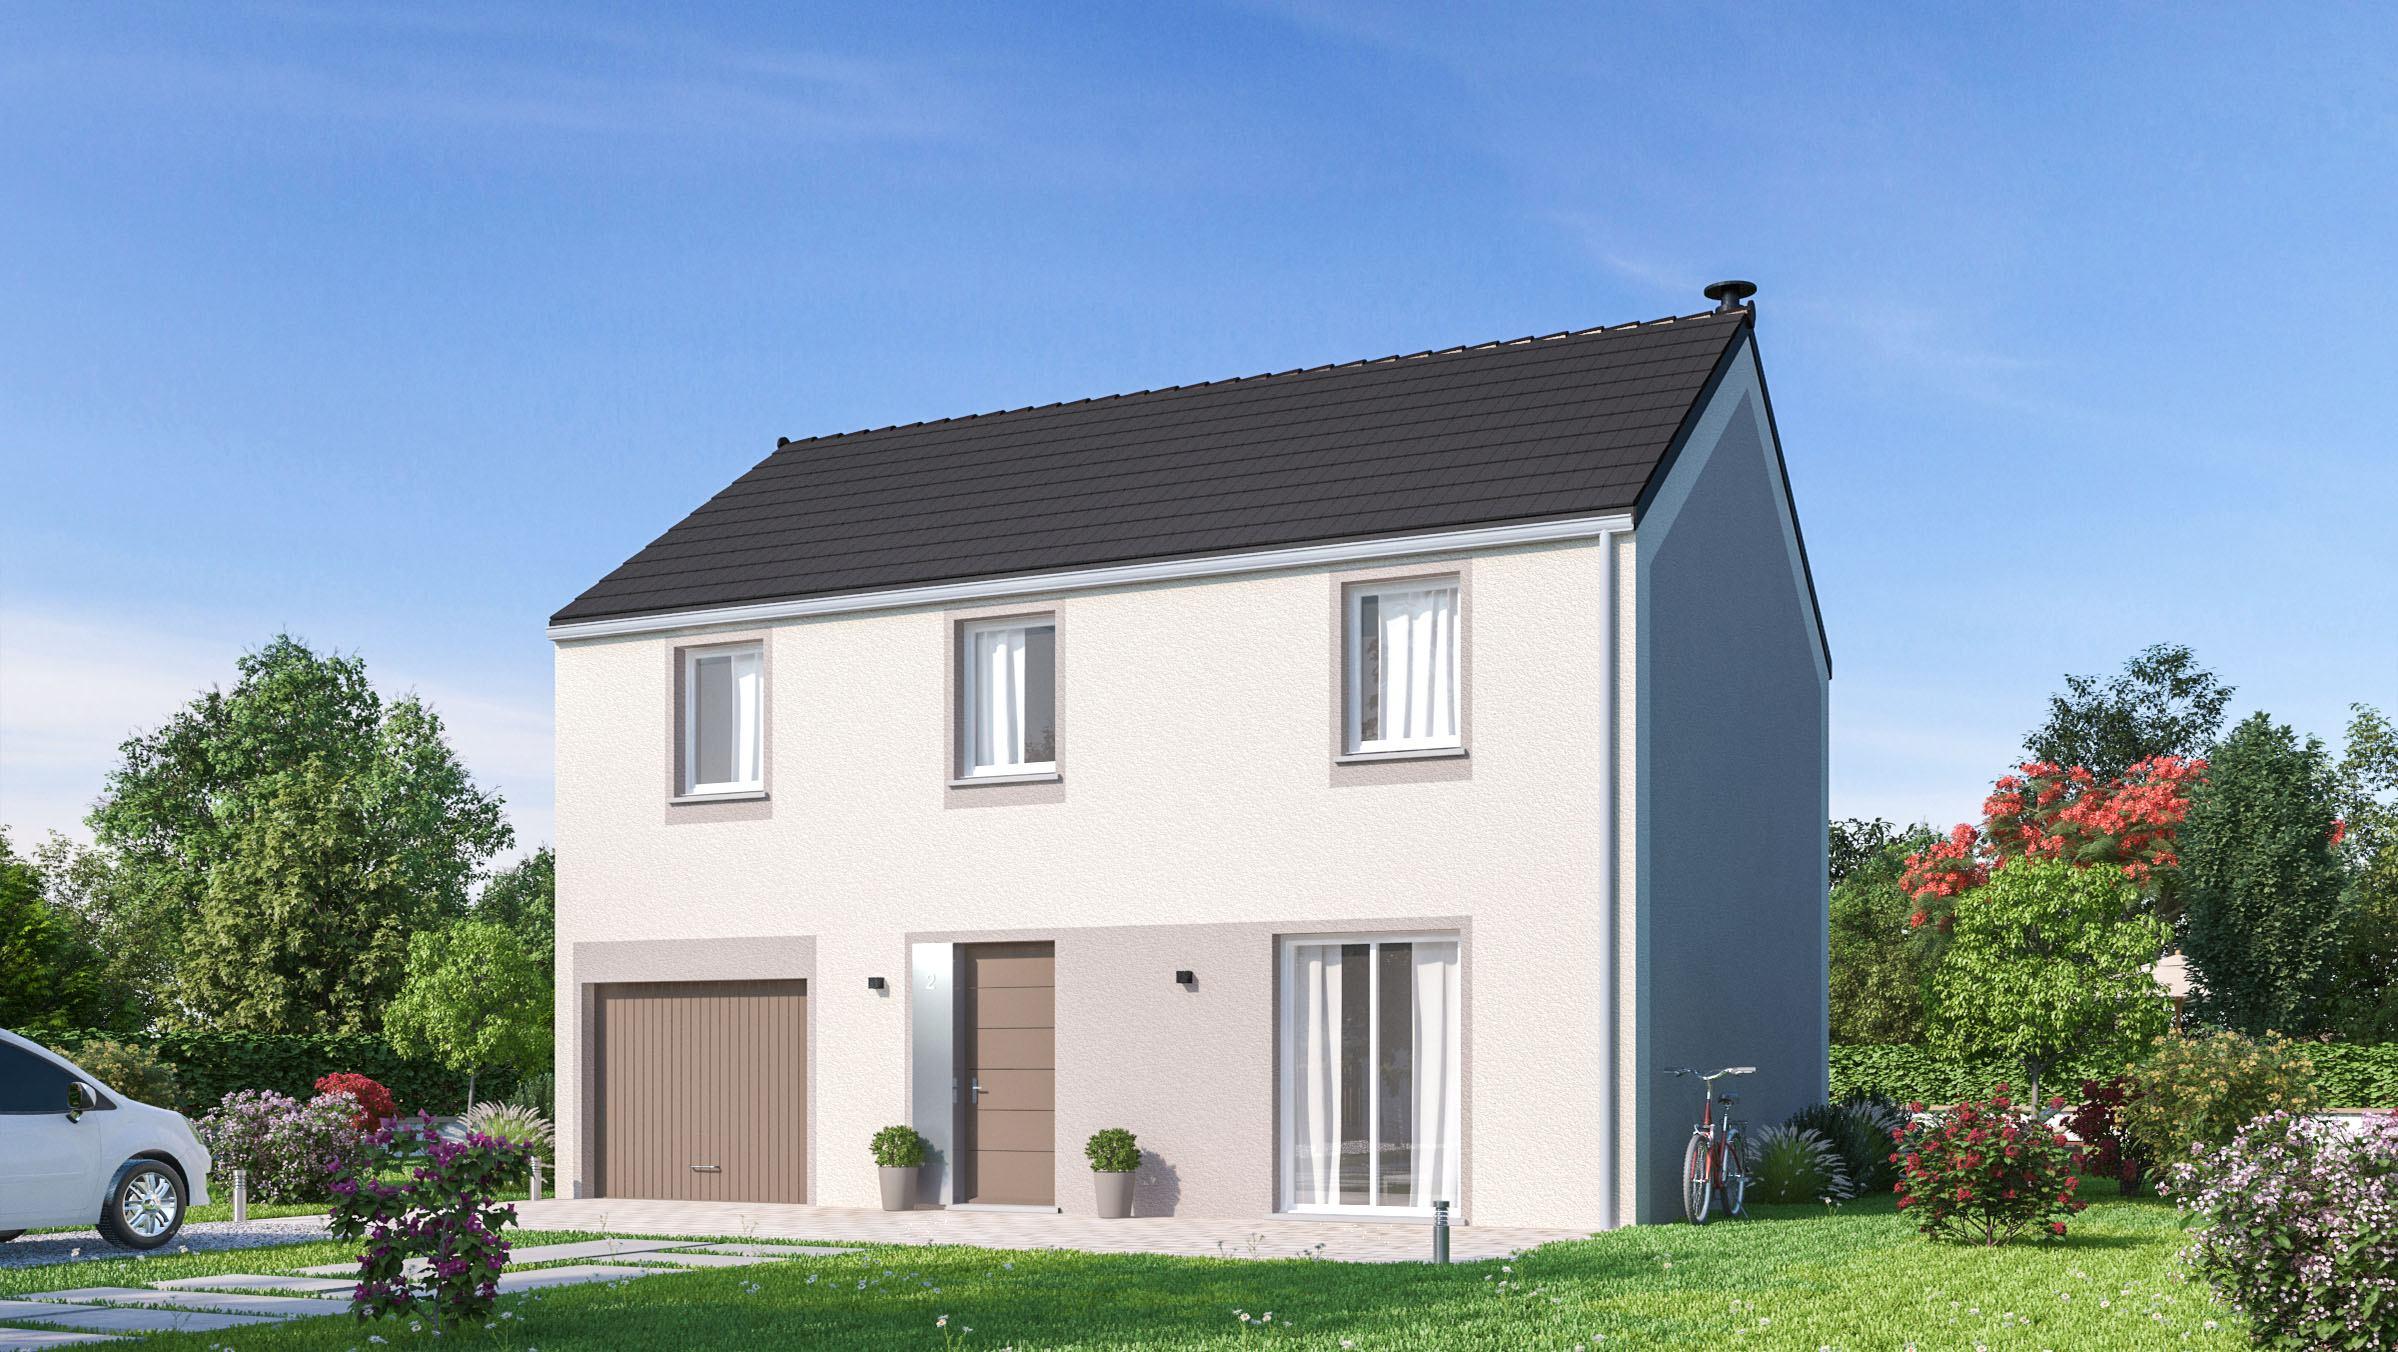 Maisons + Terrains du constructeur MAISONS PHENIX • 116 m² • MEAUX